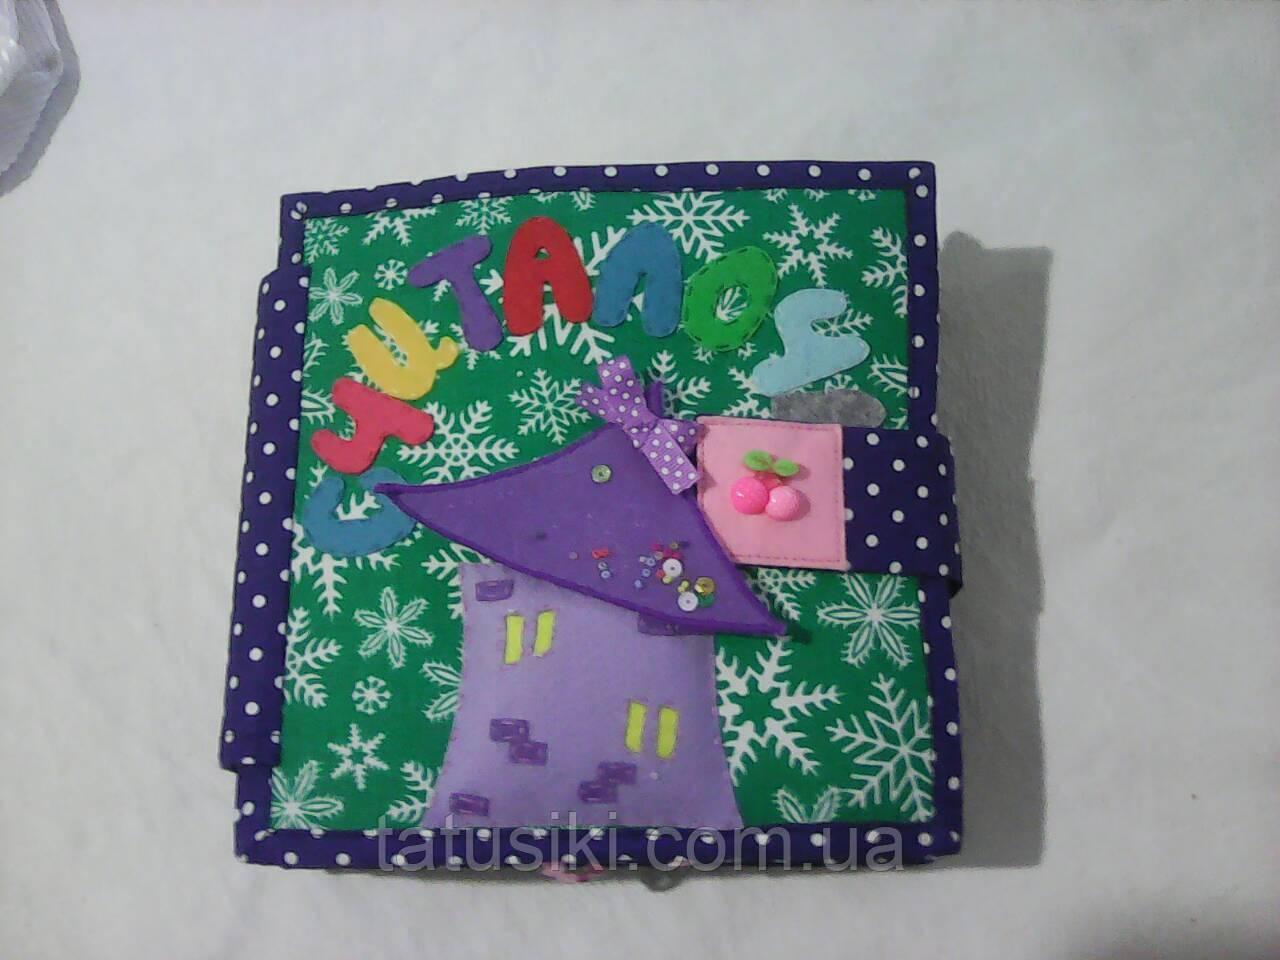 Развивающая текстильная книга для деток, фото 1